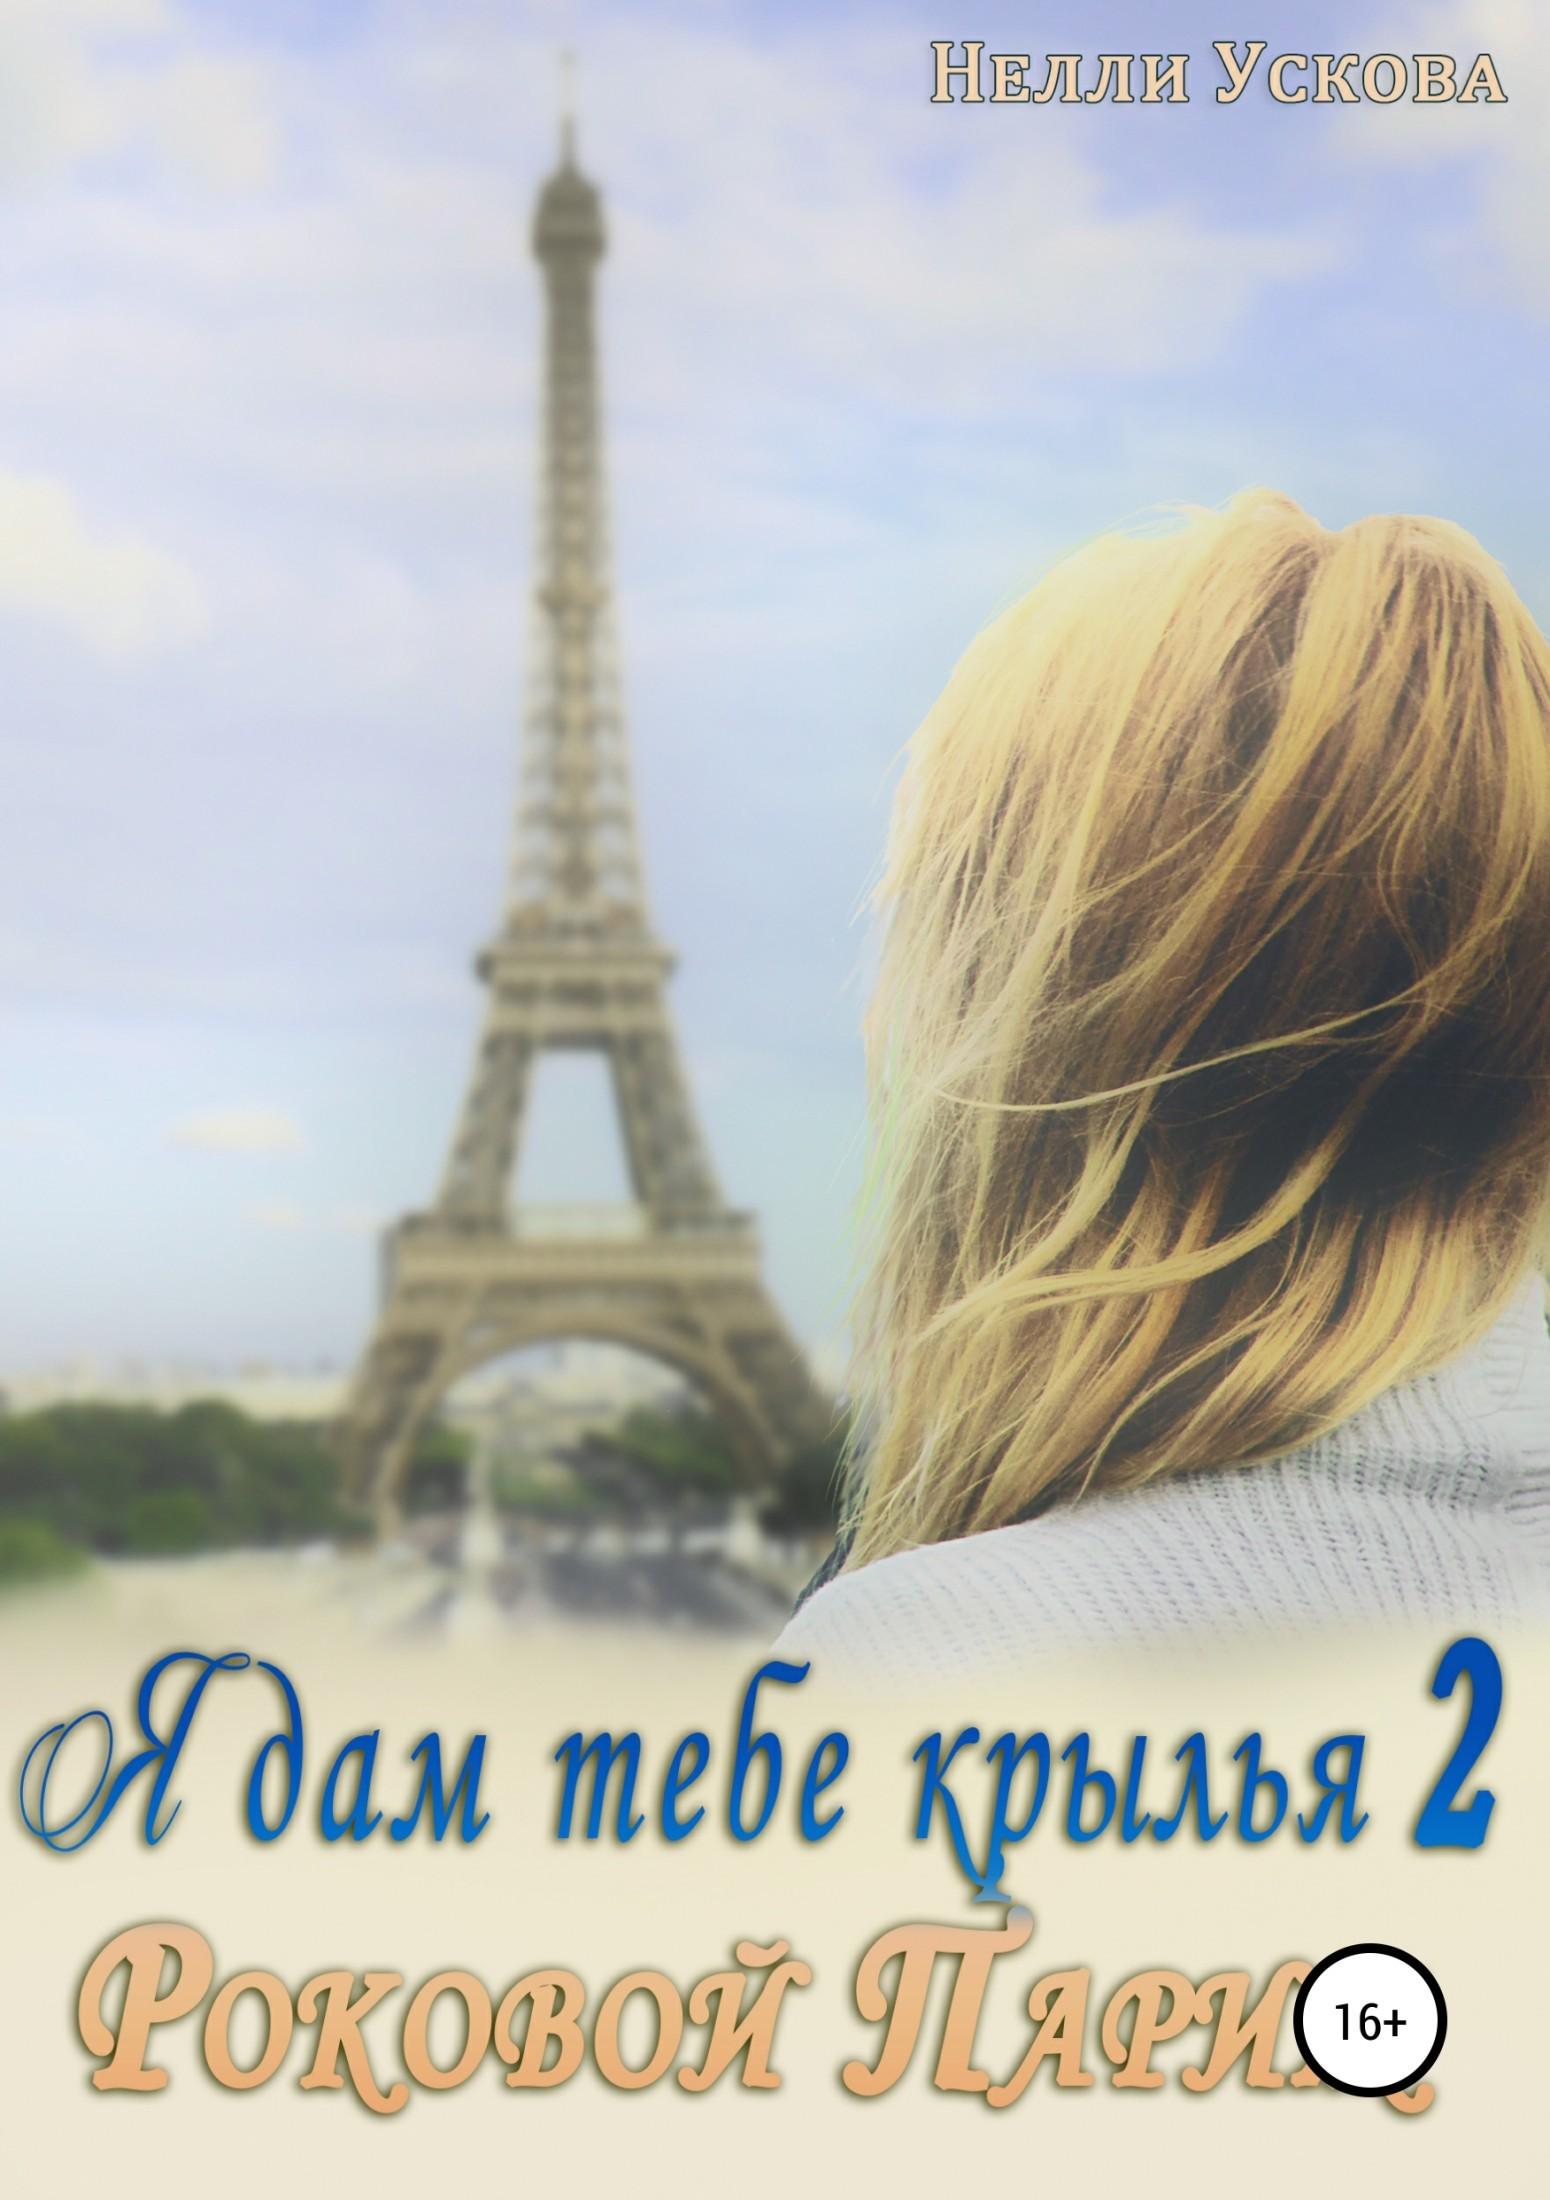 Нелли Ускова Я дам тебе крылья 2. Роковой Париж почему нет вдохновение для жизни без если и но 2 шт